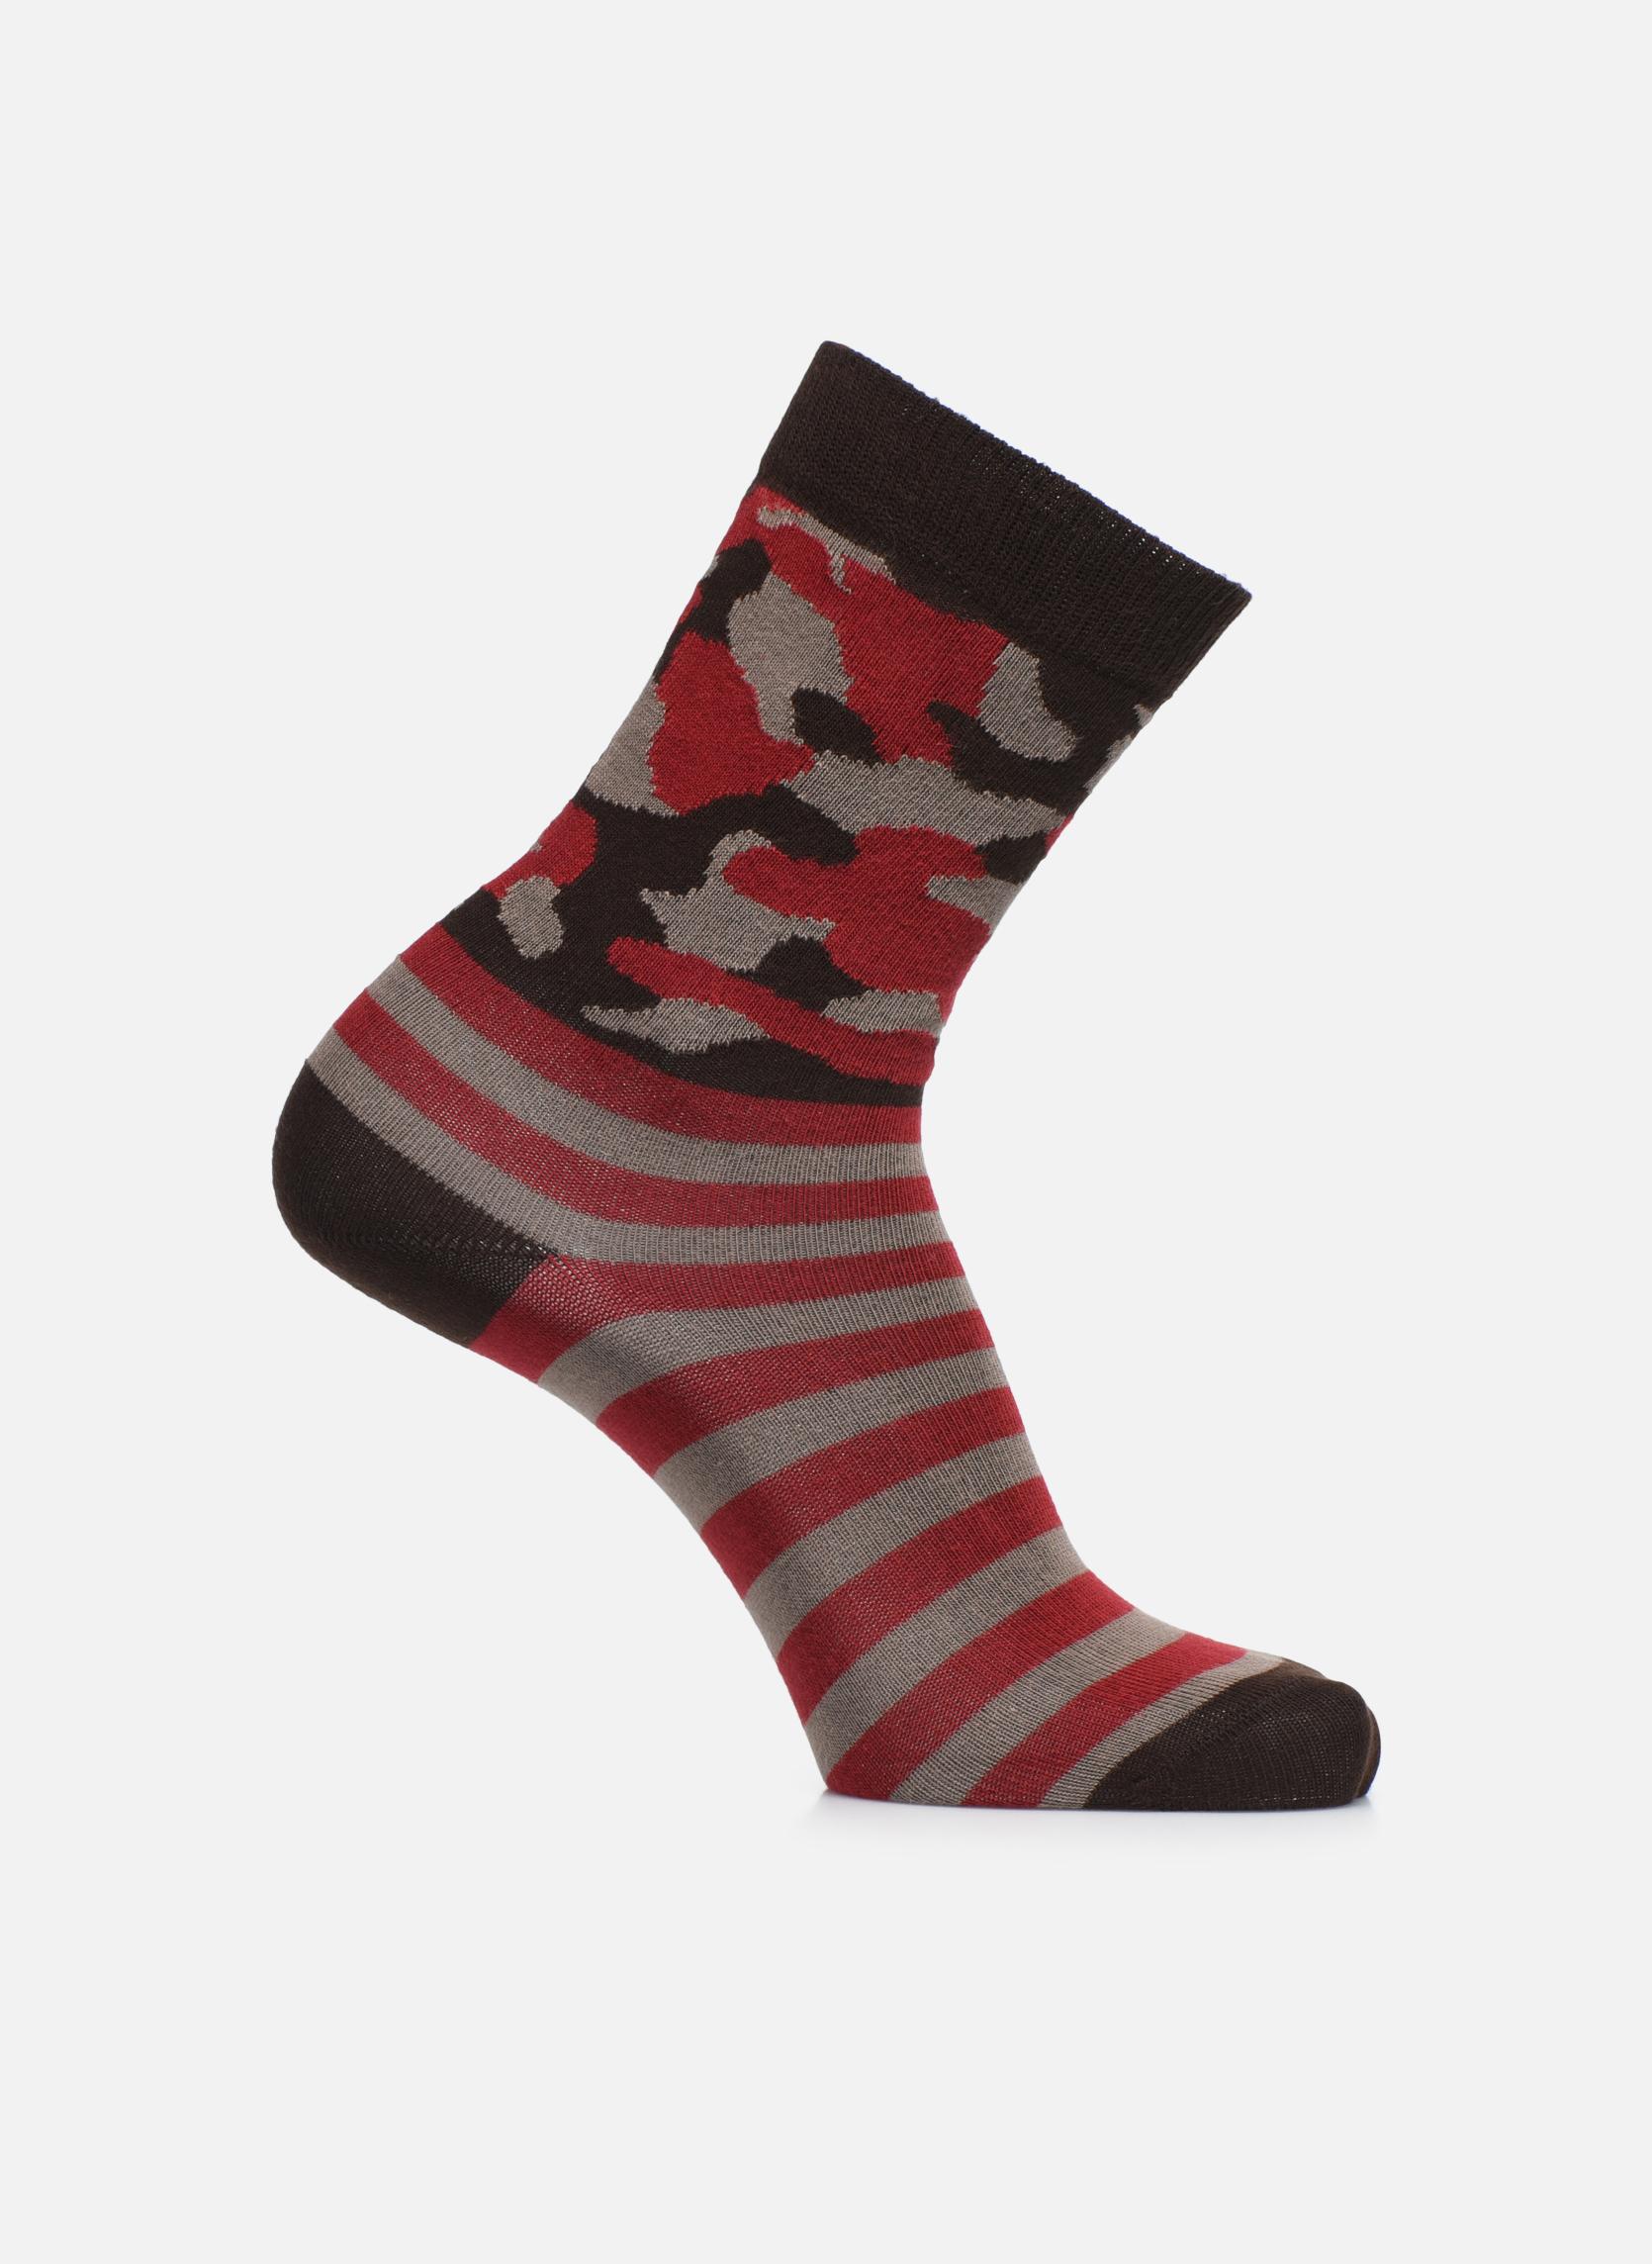 Socken & Strumpfhosen Accessoires Socken ARMY